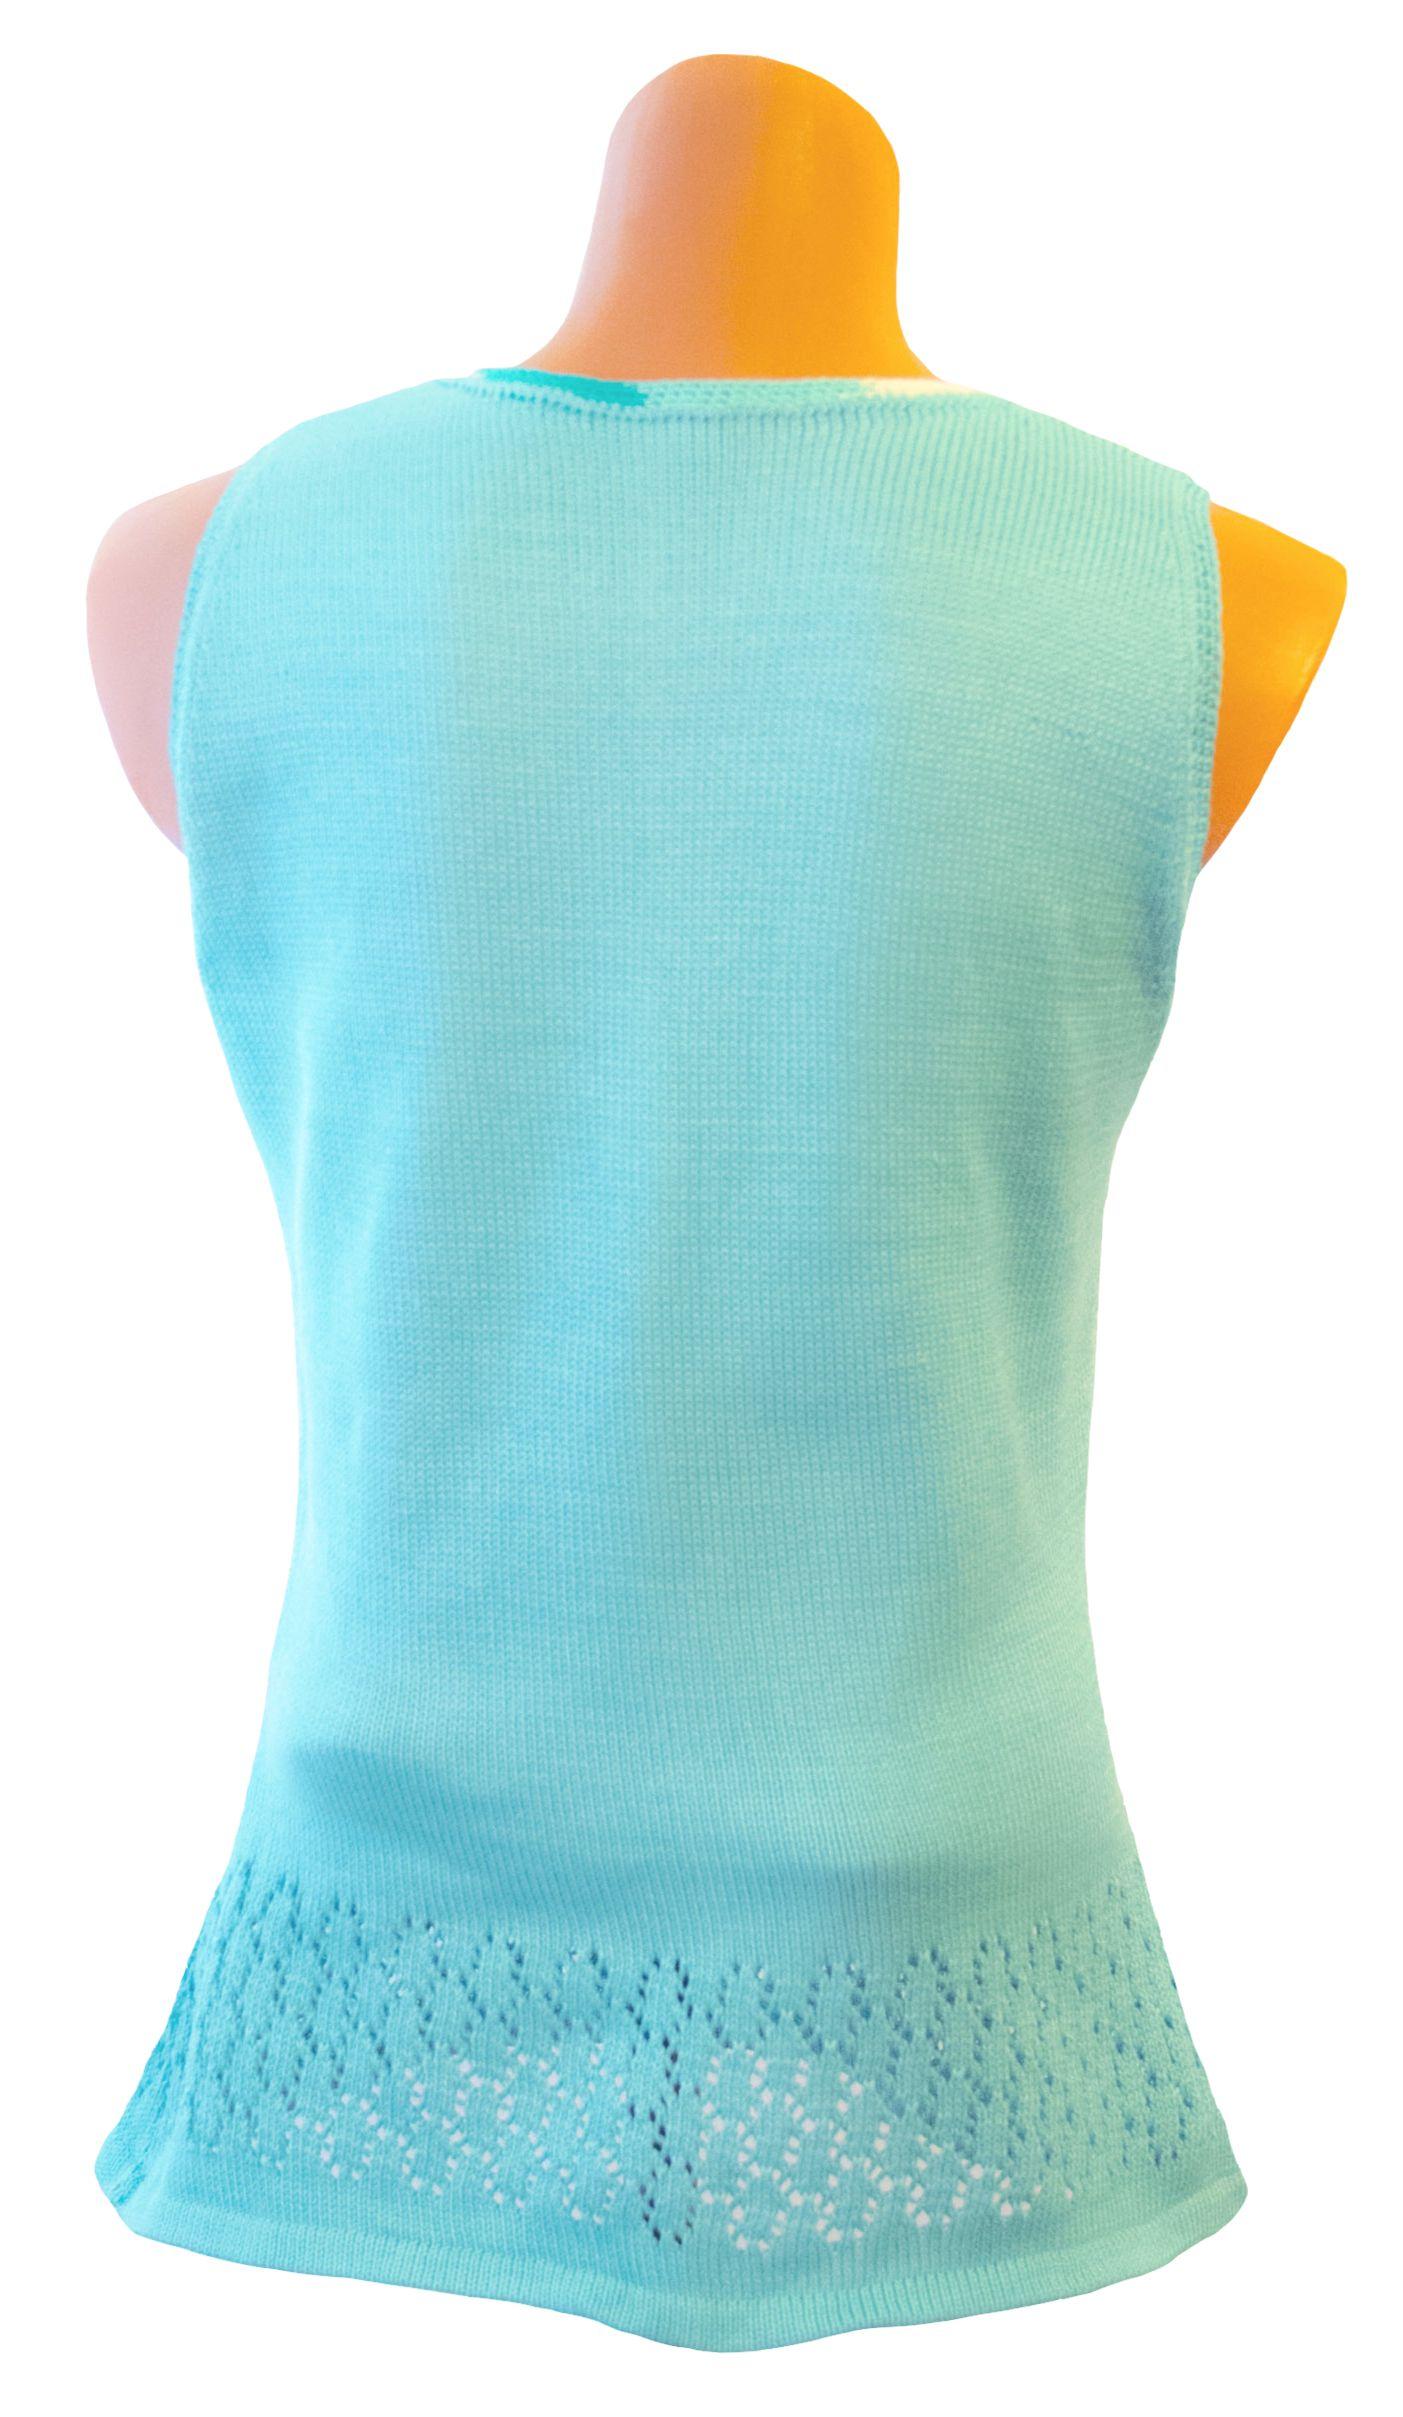 летняя ажурная из туника дизайн авторский вязаная хлопка бирюзовый однотонный